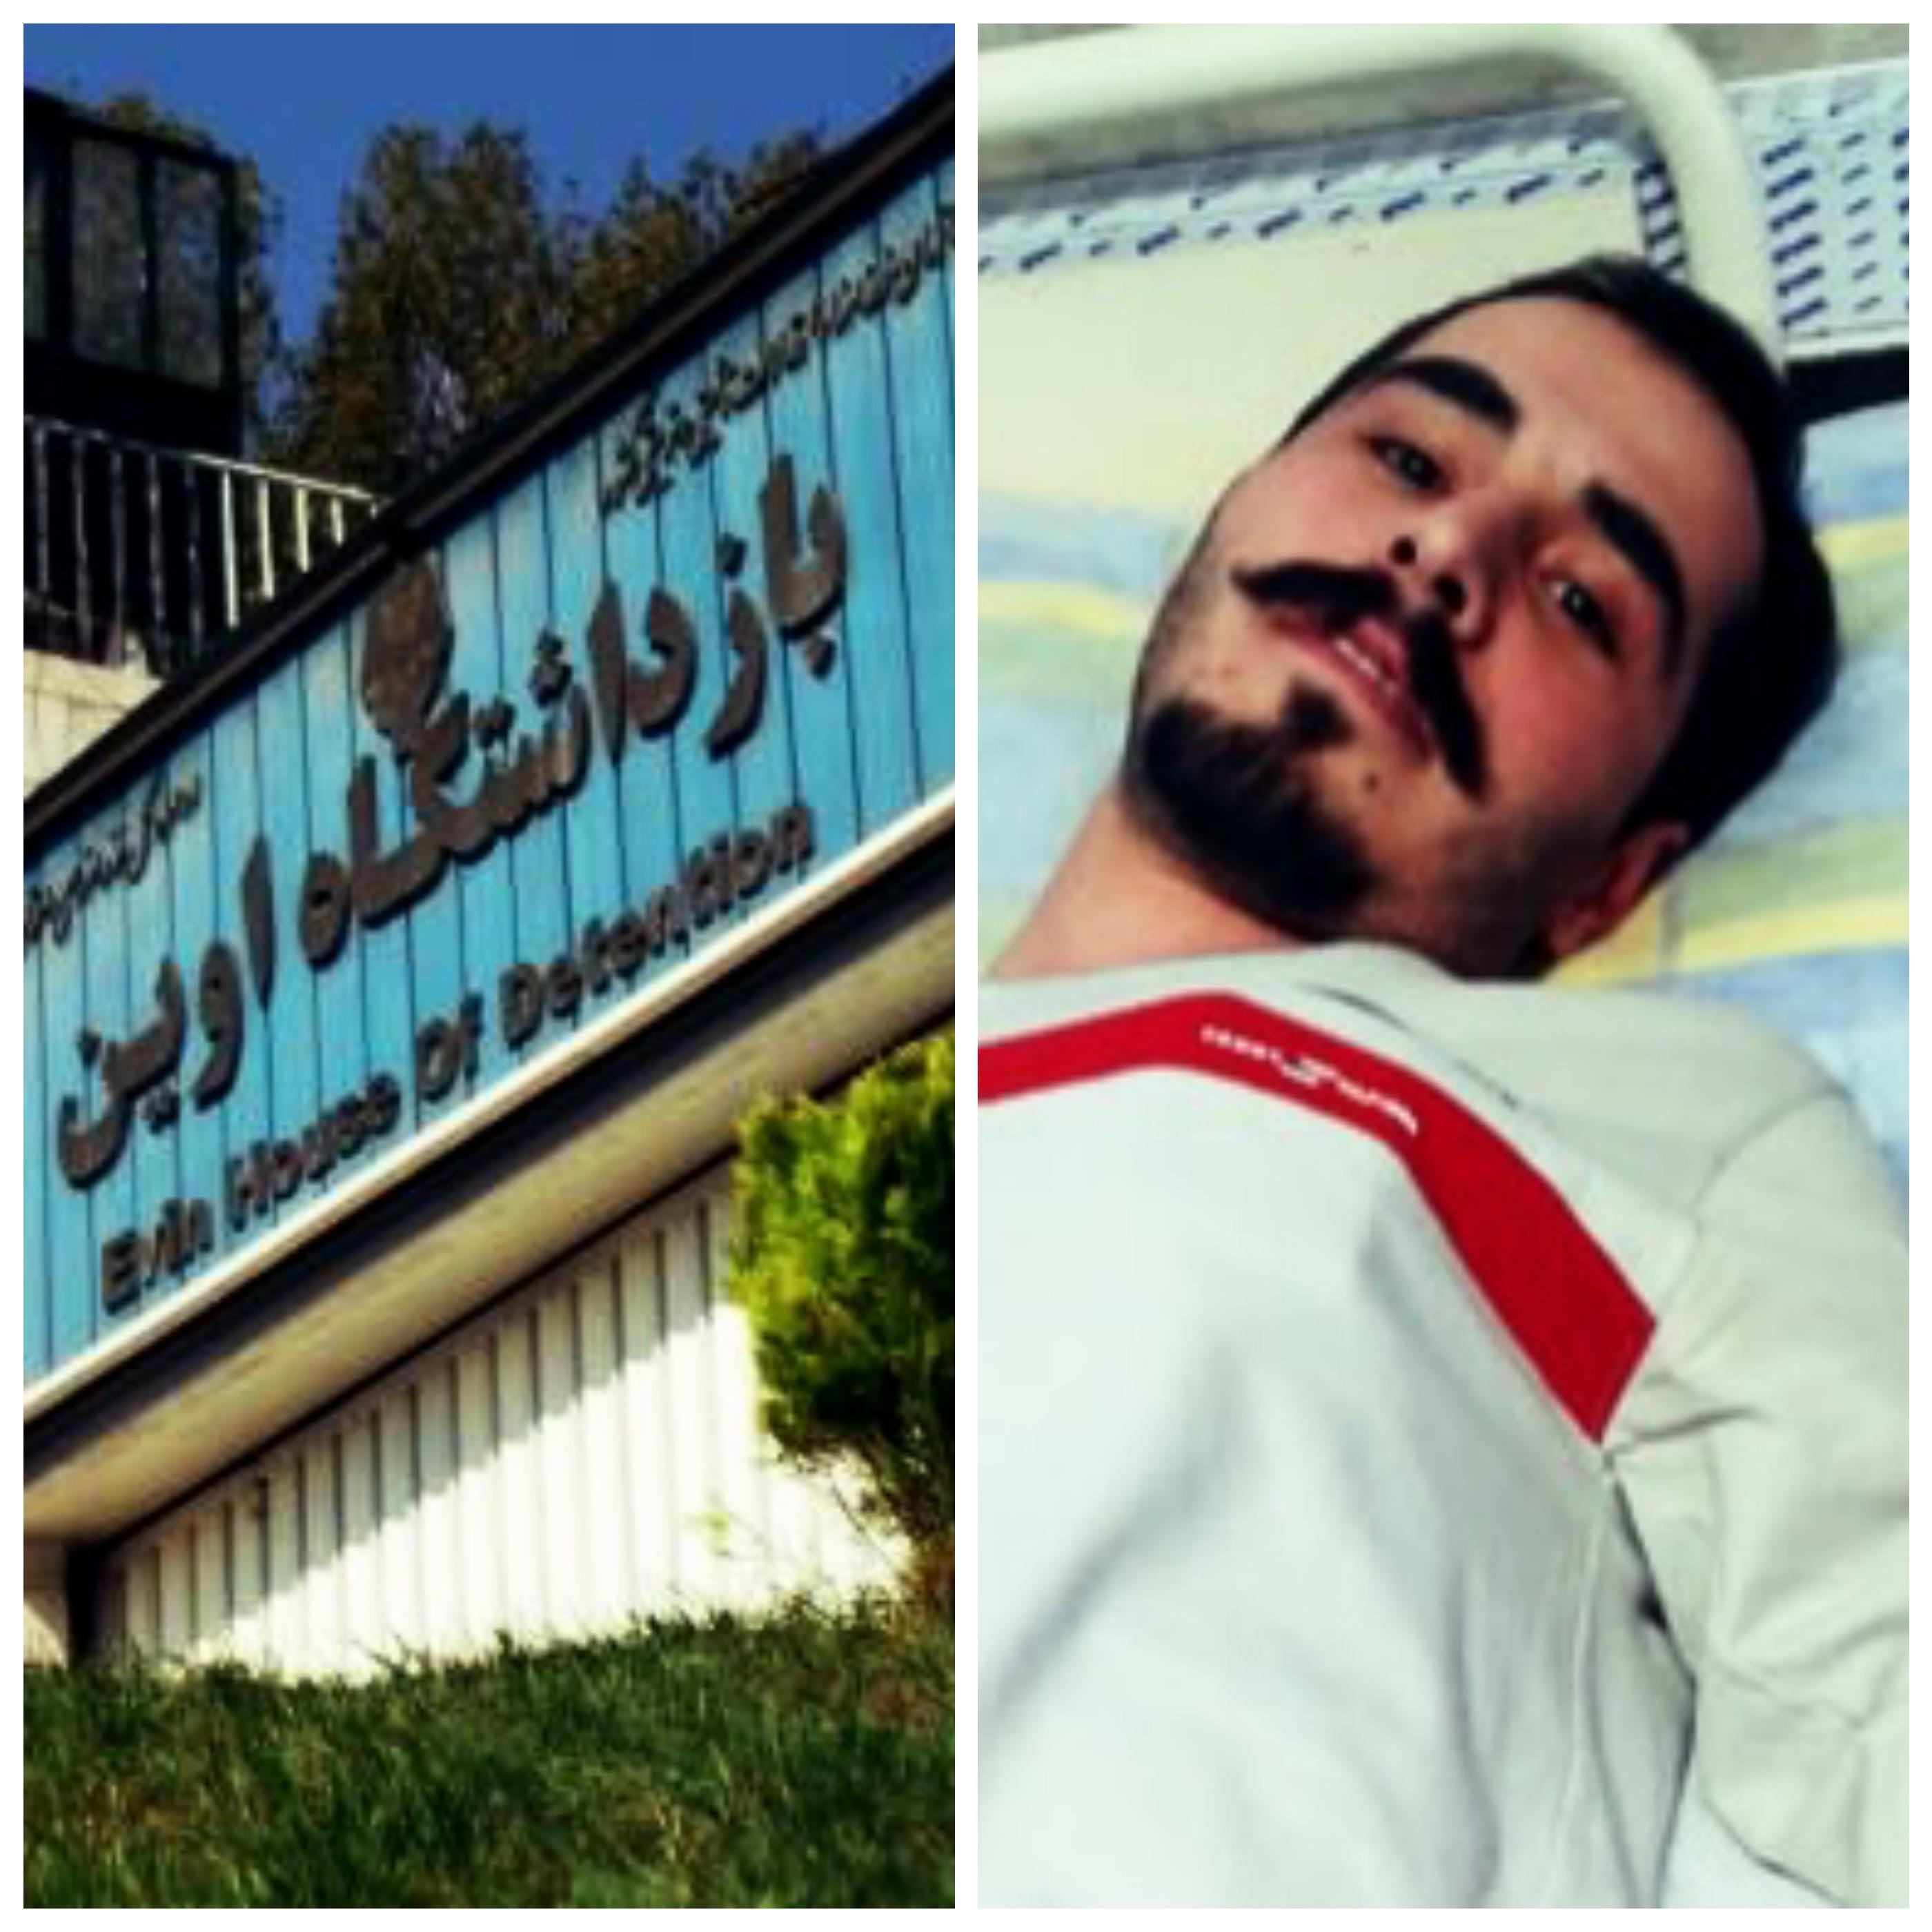 تایید عدم تحمل کیفر برای حسین رونقی از سوی سازمان پزشکی قانونی کشور